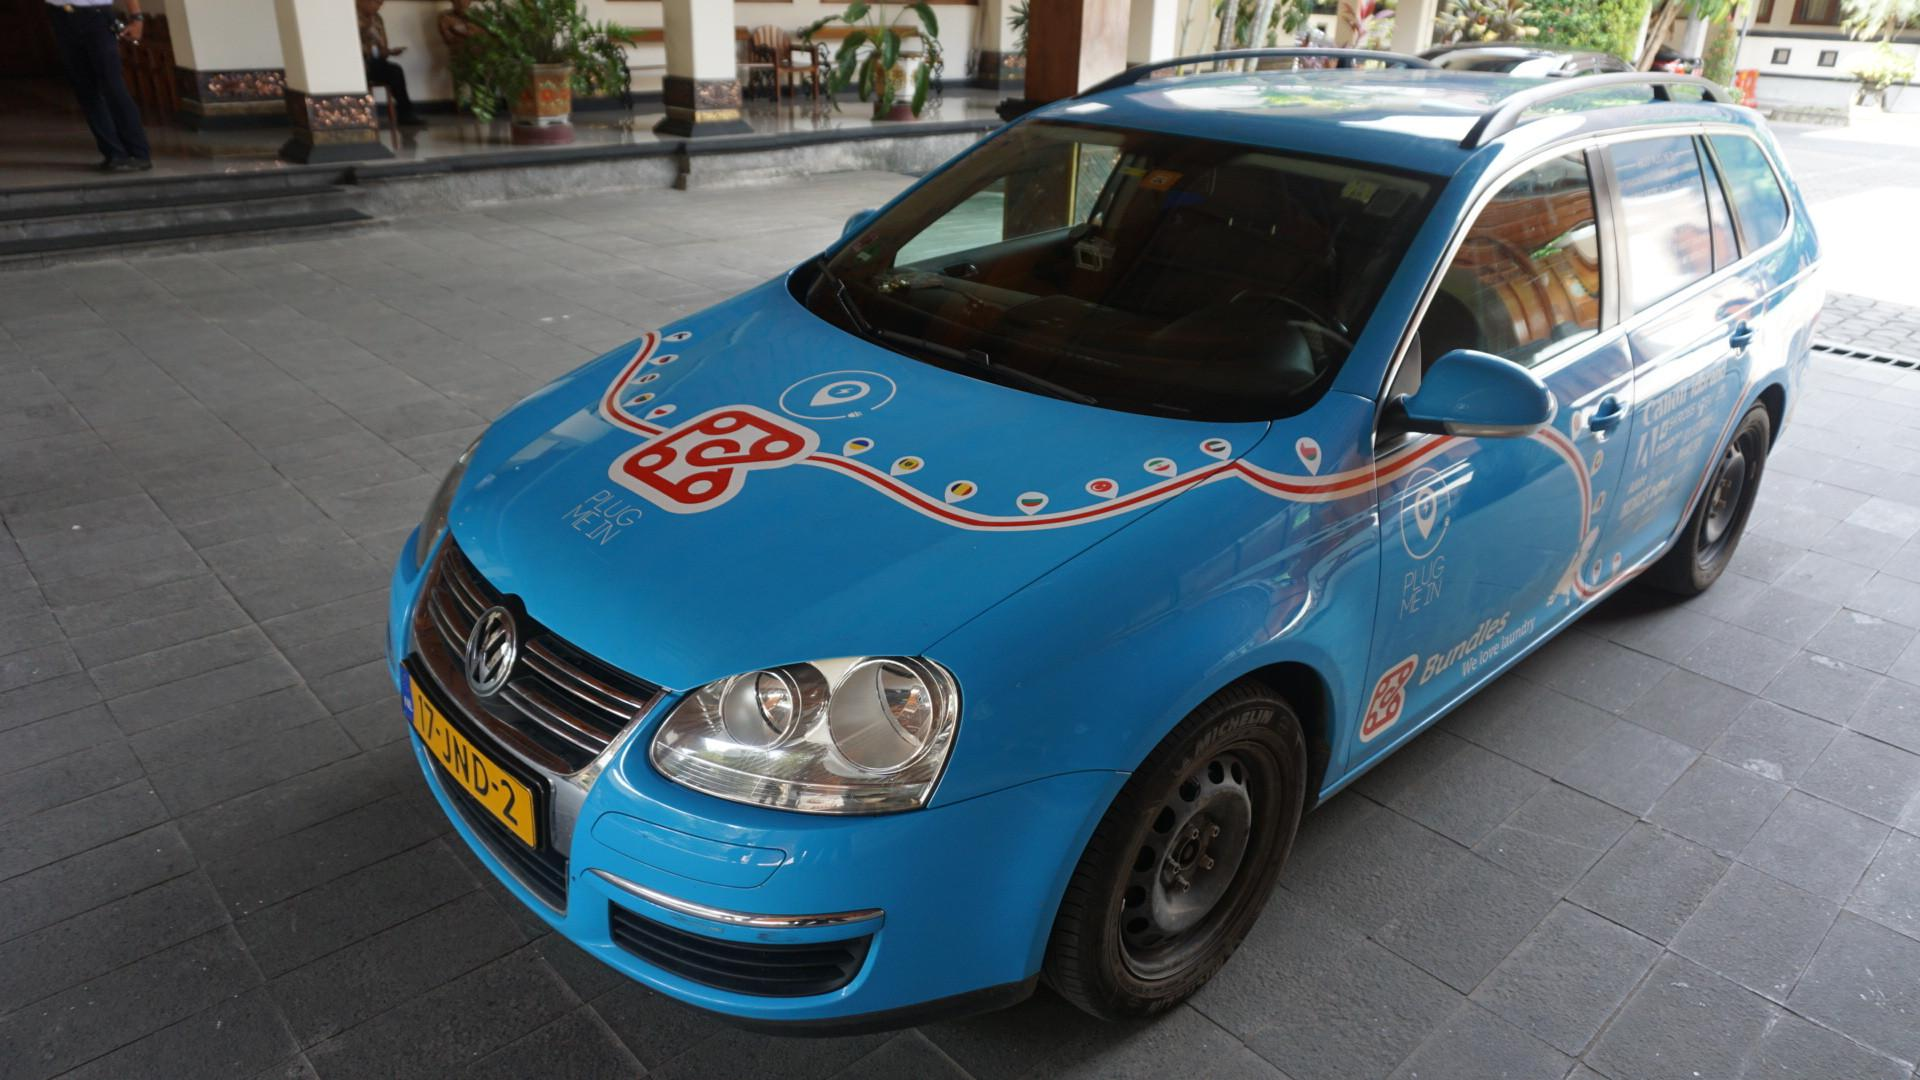 Bule asal Belanda, Wiebe Wakker berkeliling ke puluhan negara untuk kampanye mobil listrik yang ramah lingkungan.(Liputan6.com/Fajar Abrori)